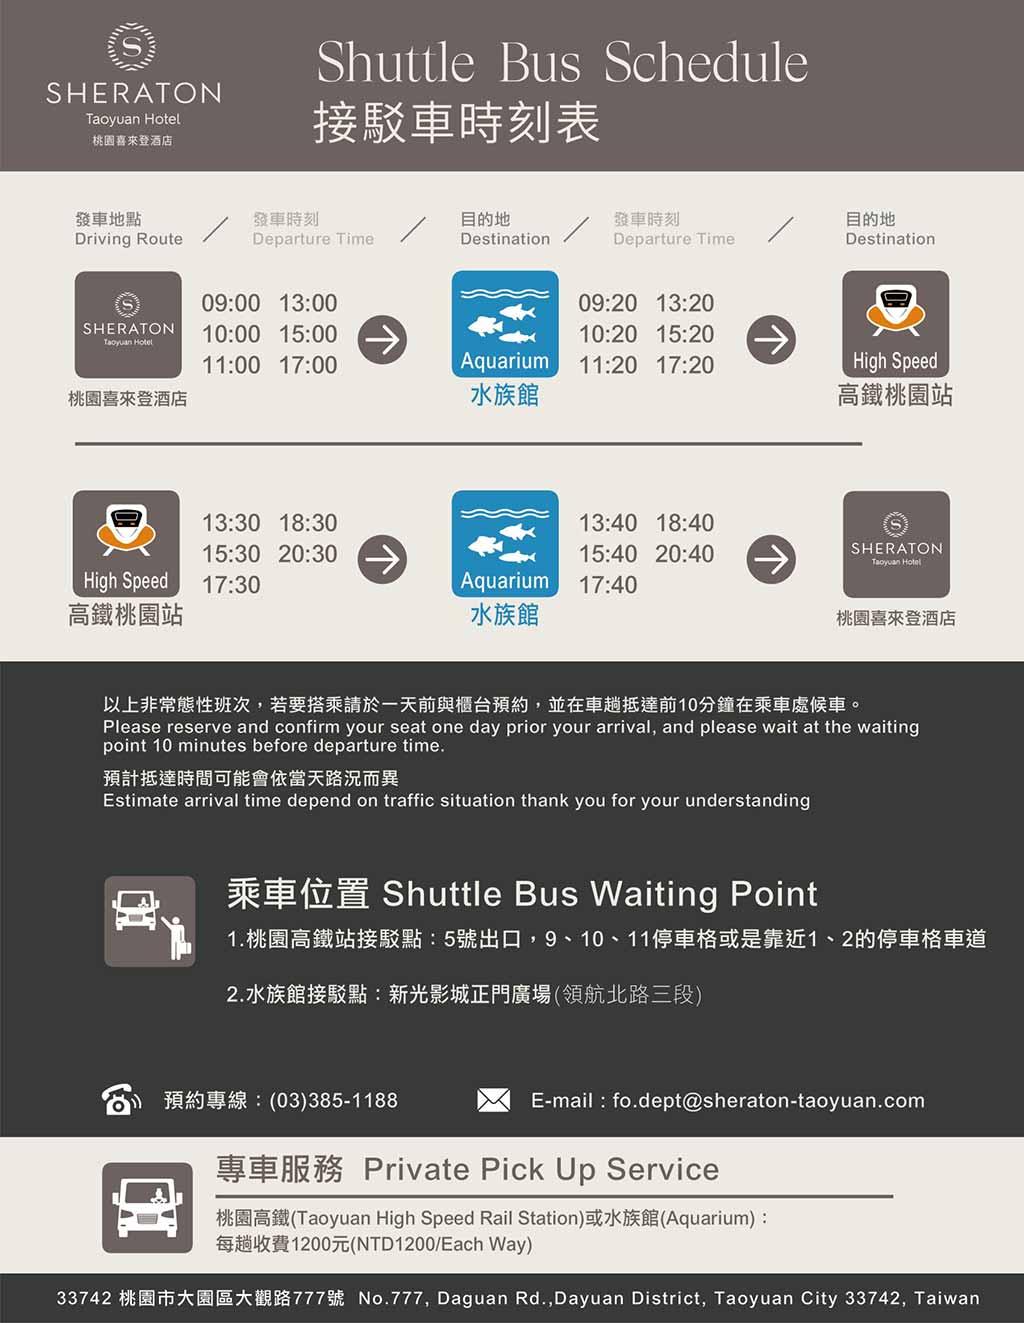 shuttle-bus-of-Sheraton-Taoyuan-Hotel